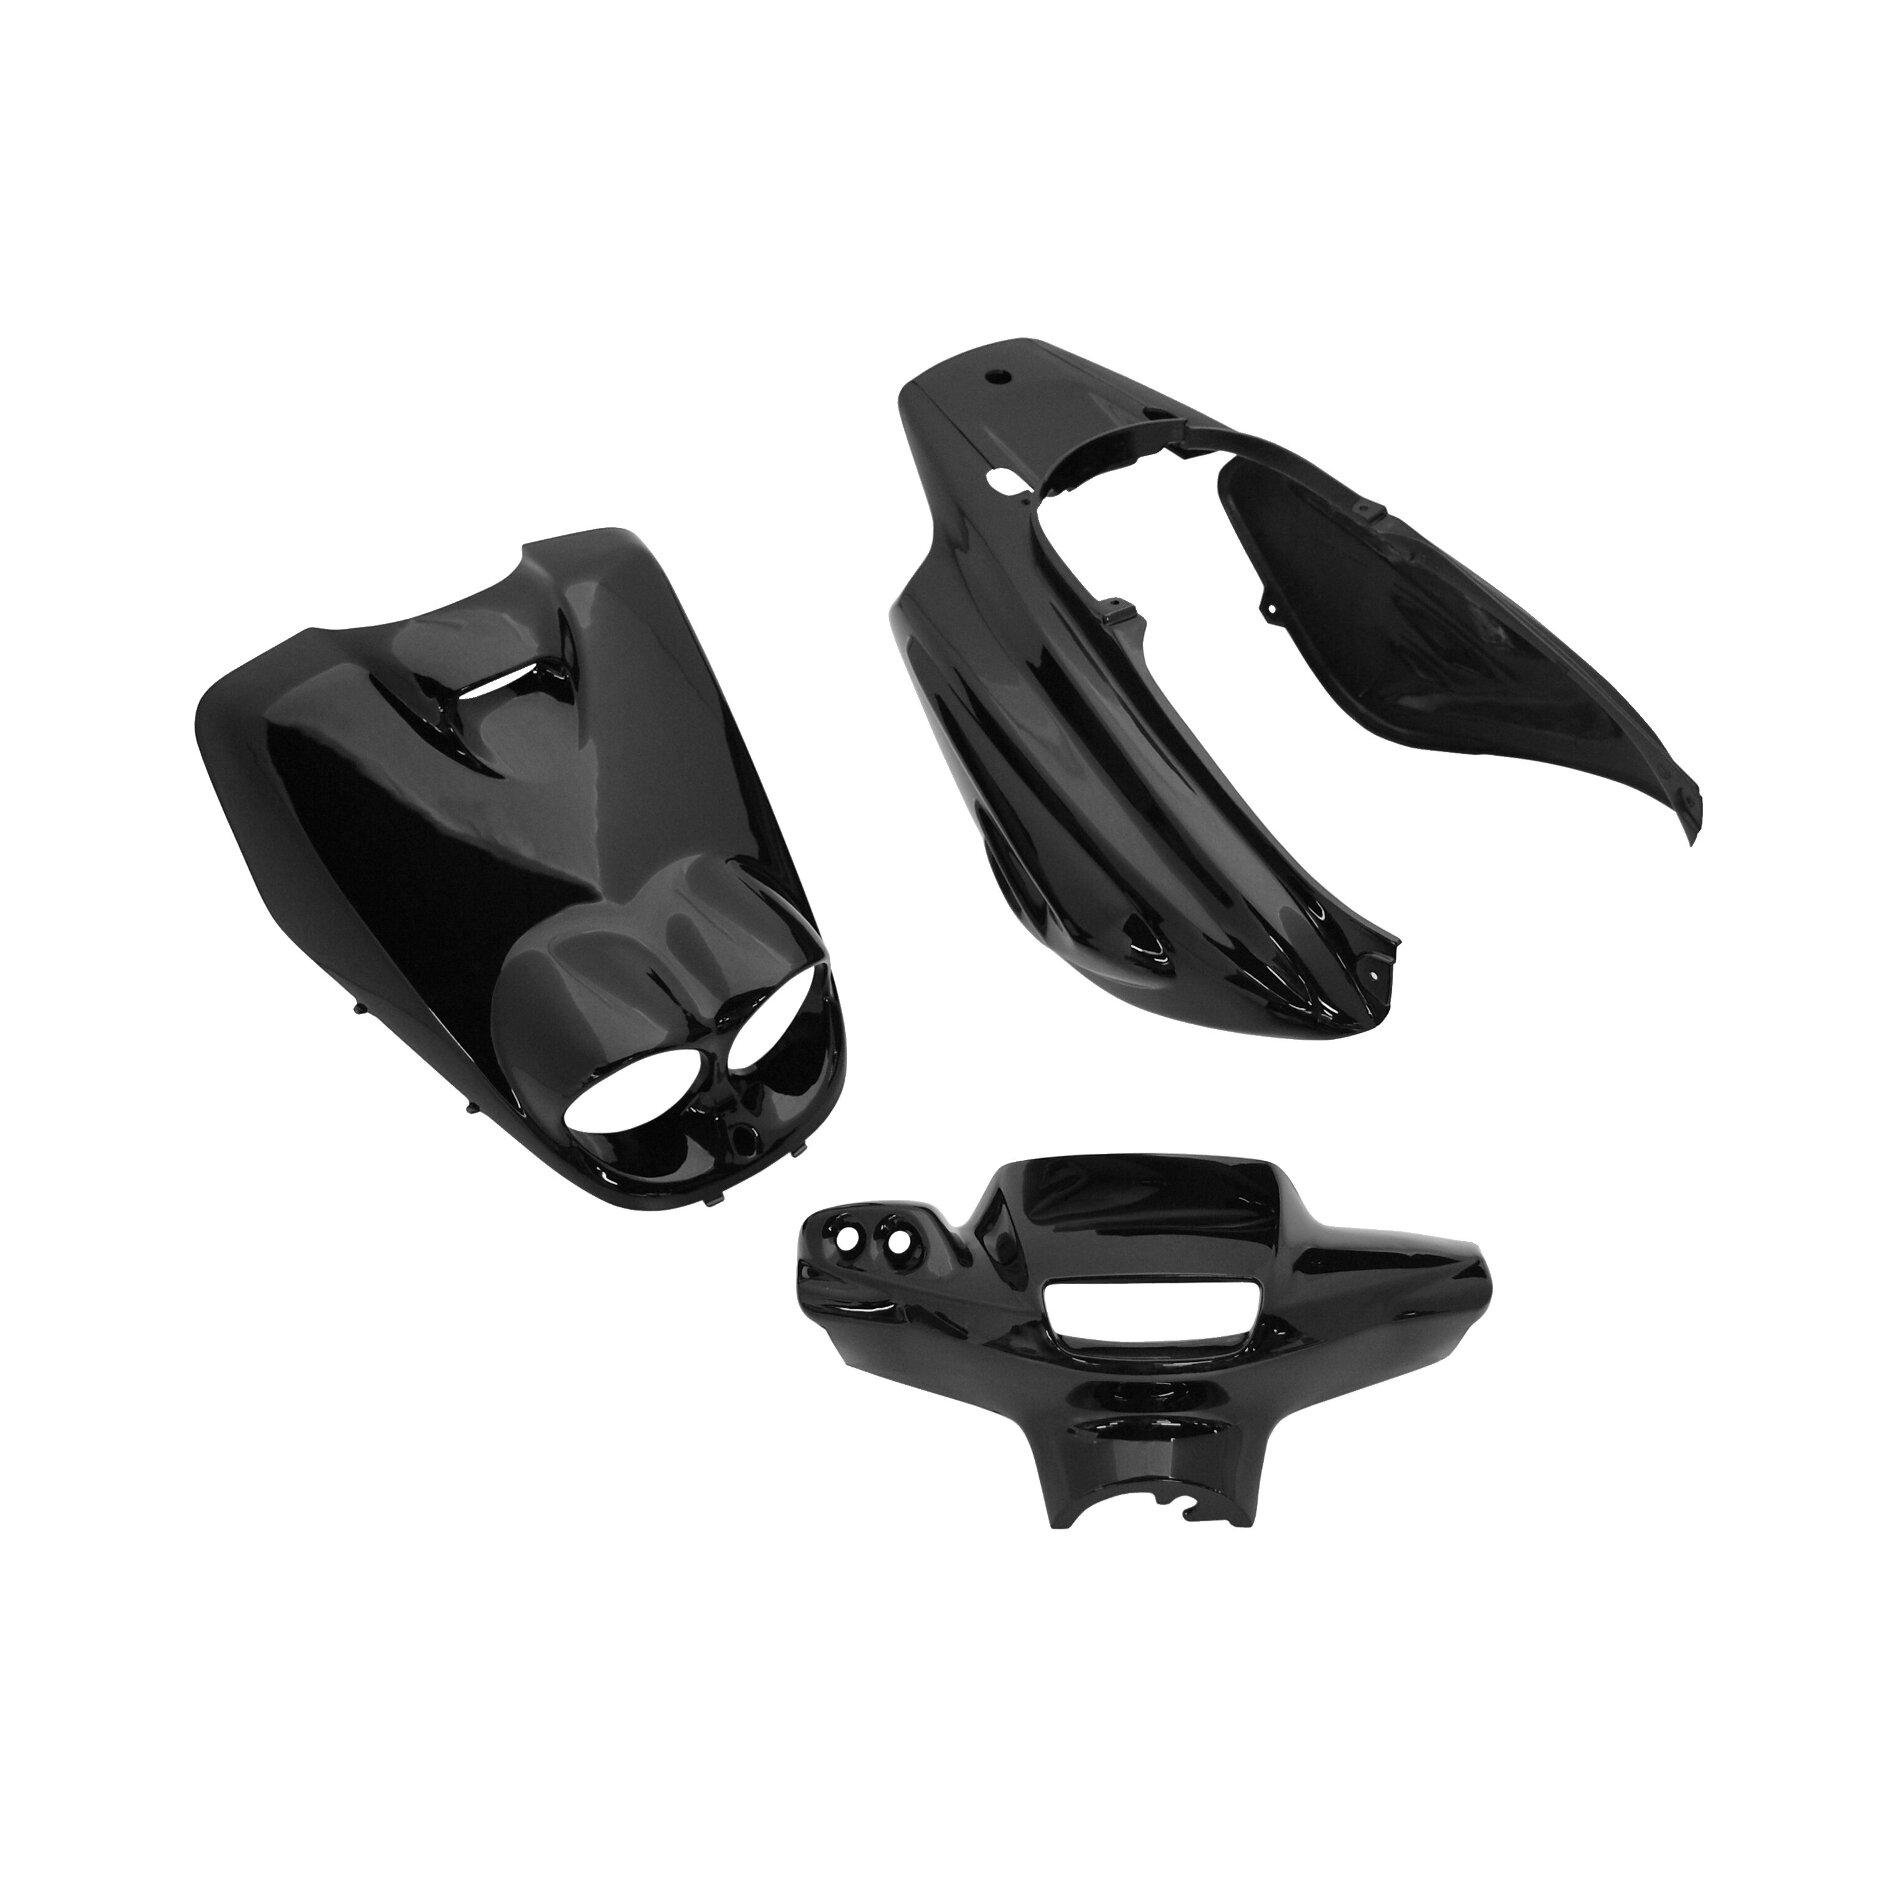 Kit carrosserie 5 pièces noir brillant adaptable Booster rocket/BW's b